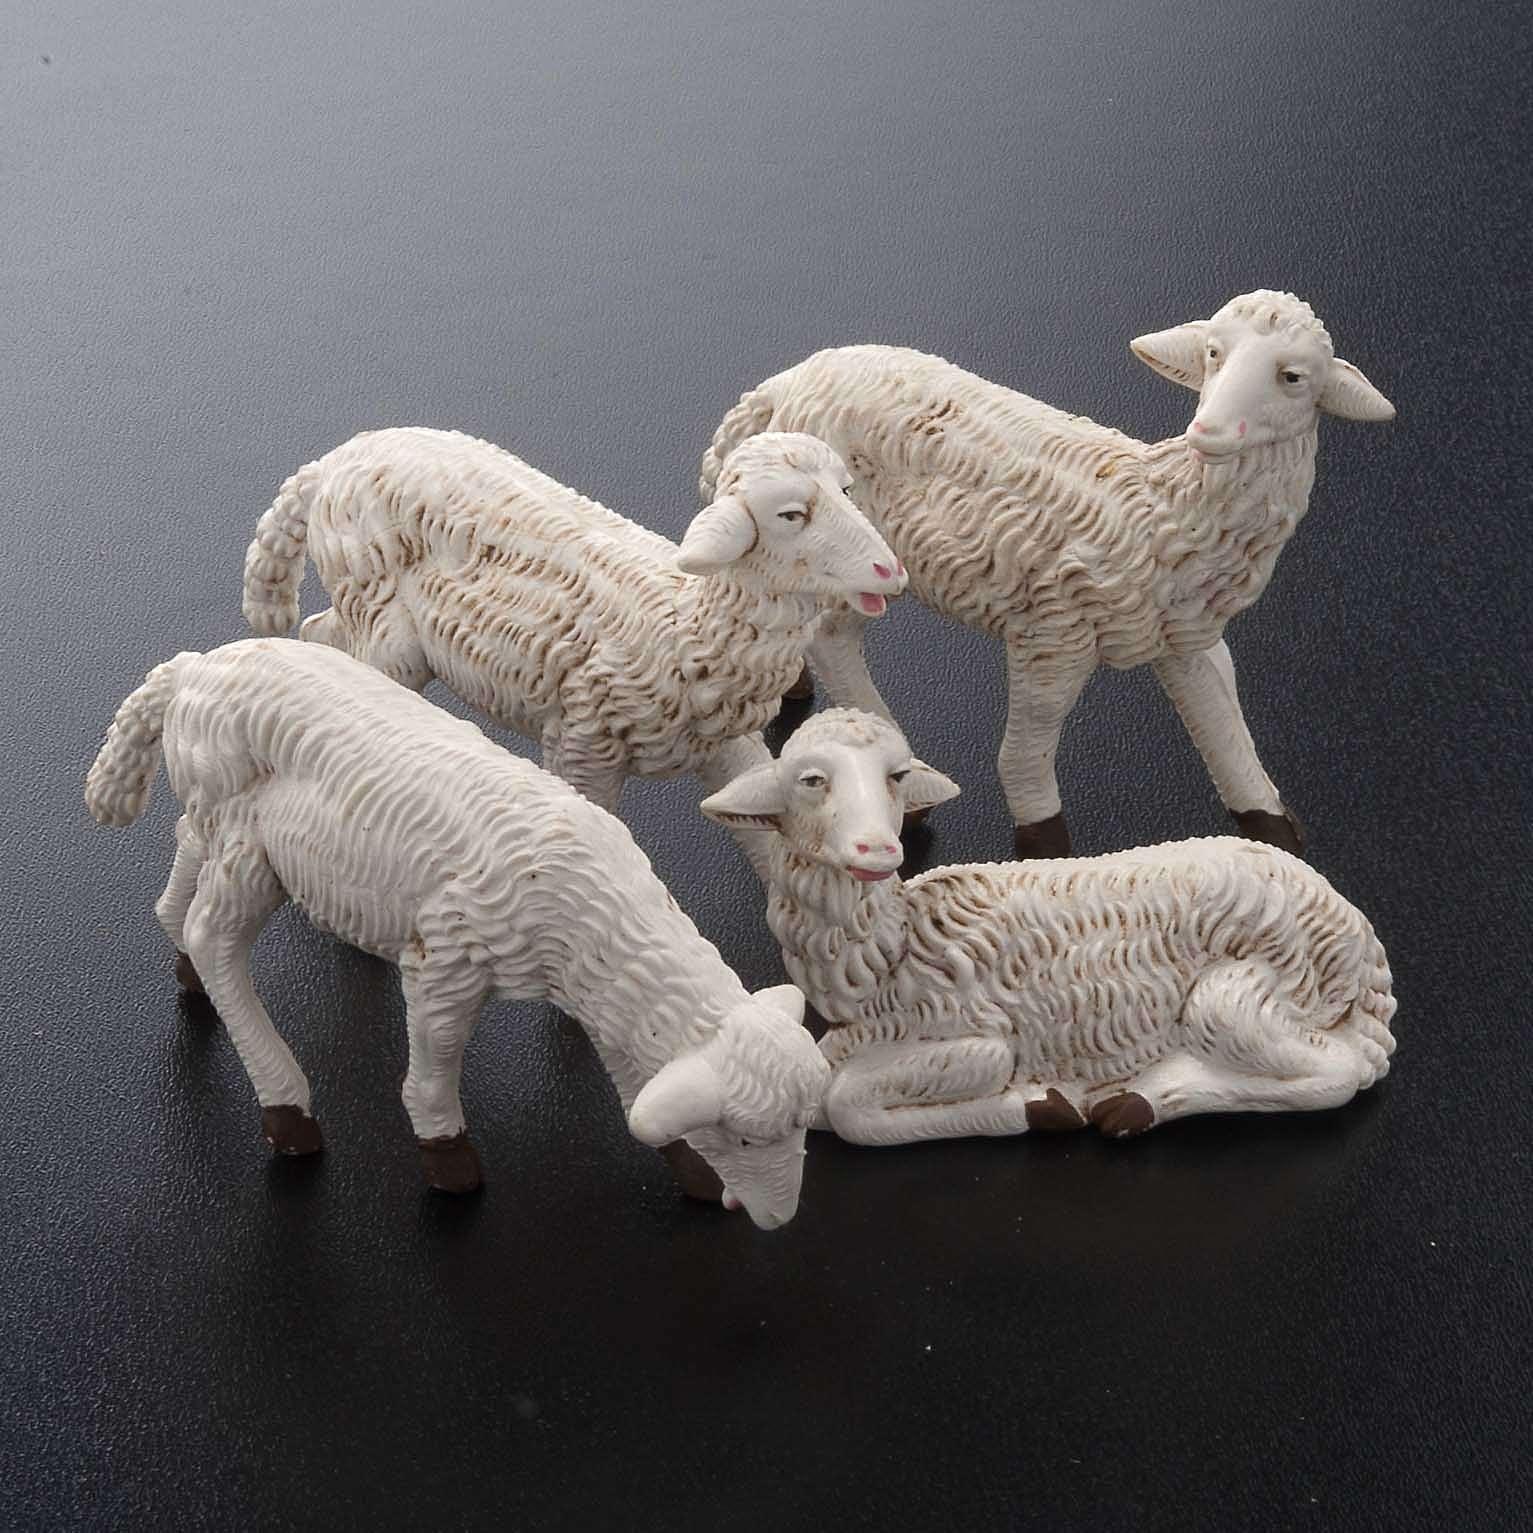 Ovejas plástico modelos surtidos 4 pz. para Belén de altura media 16 cm 3